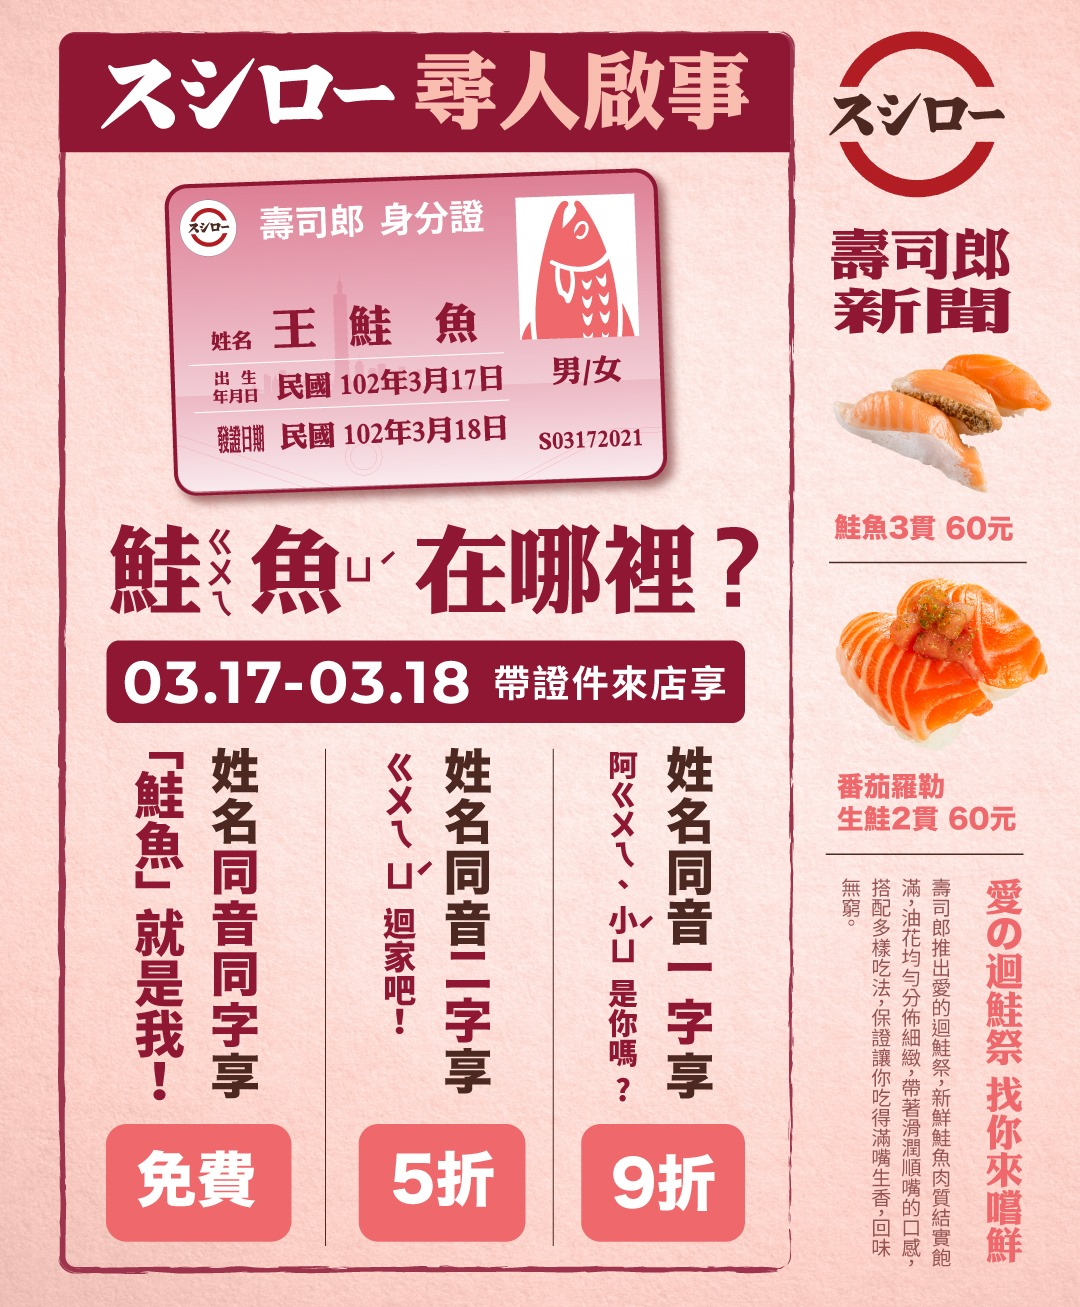 壽司郎鮭魚活動